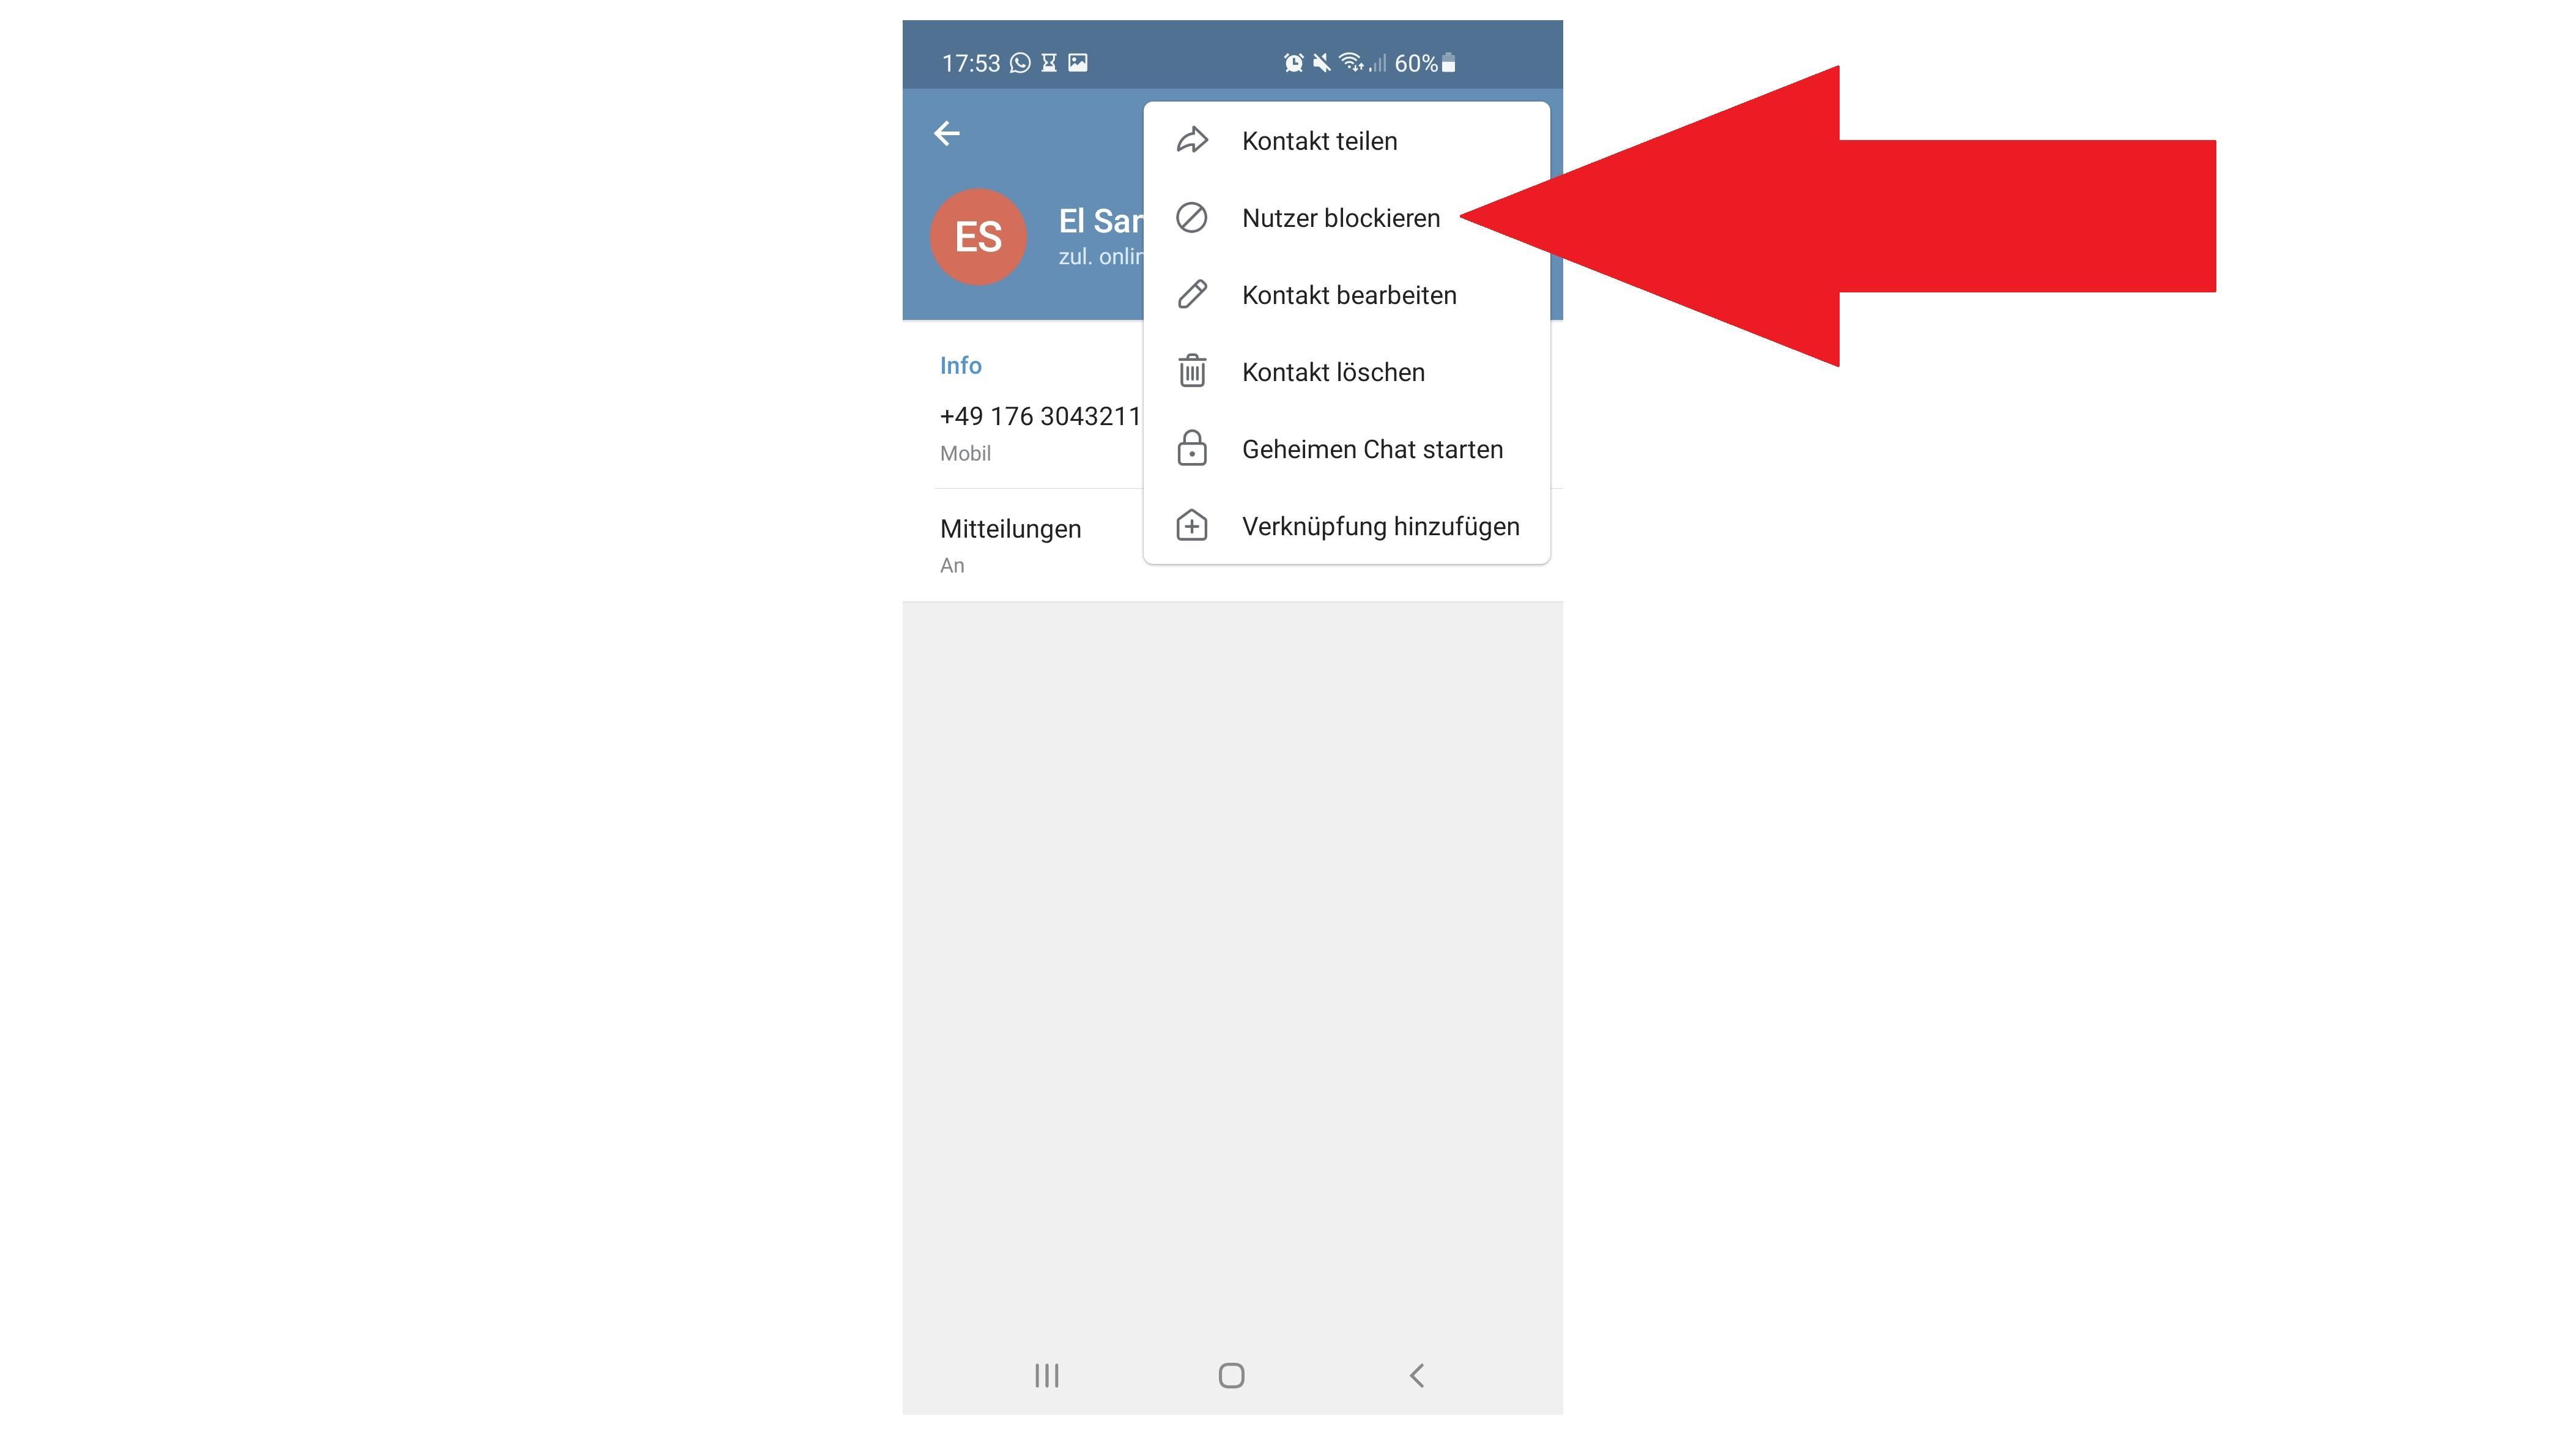 Telegram: Kontakte lassen sich leicht blockieren